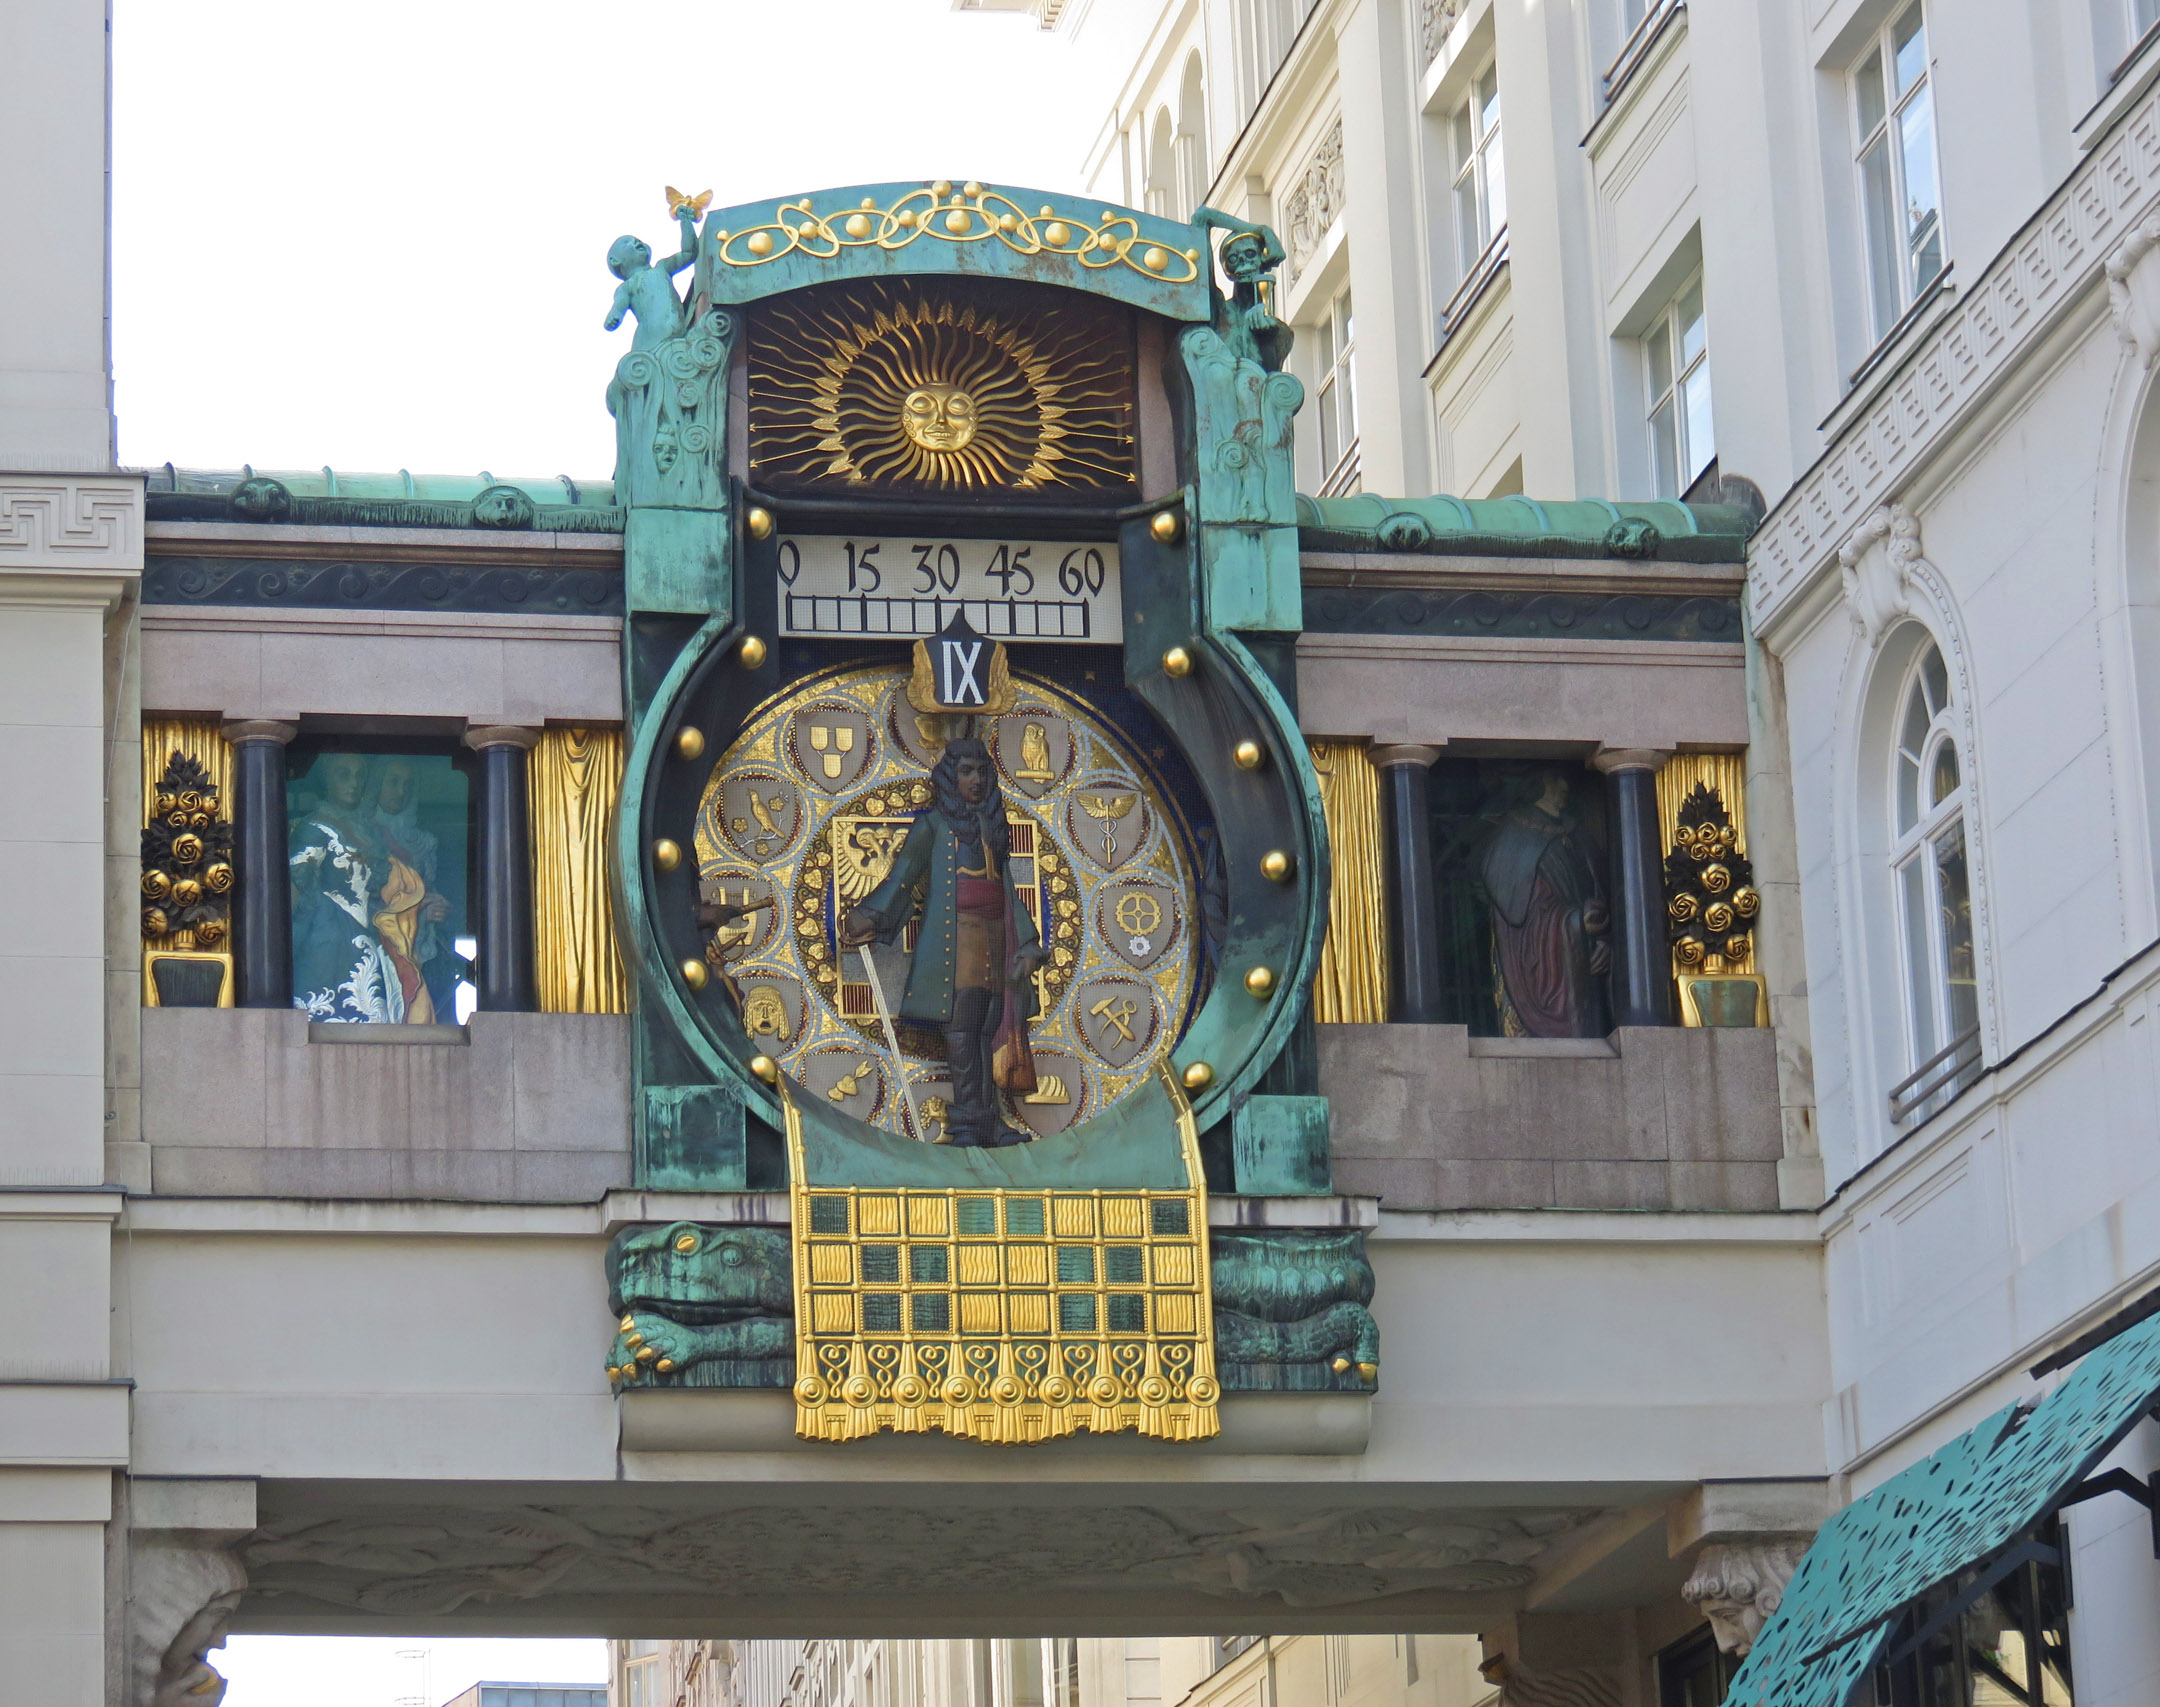 5. Ankeruhr clock in Vienna